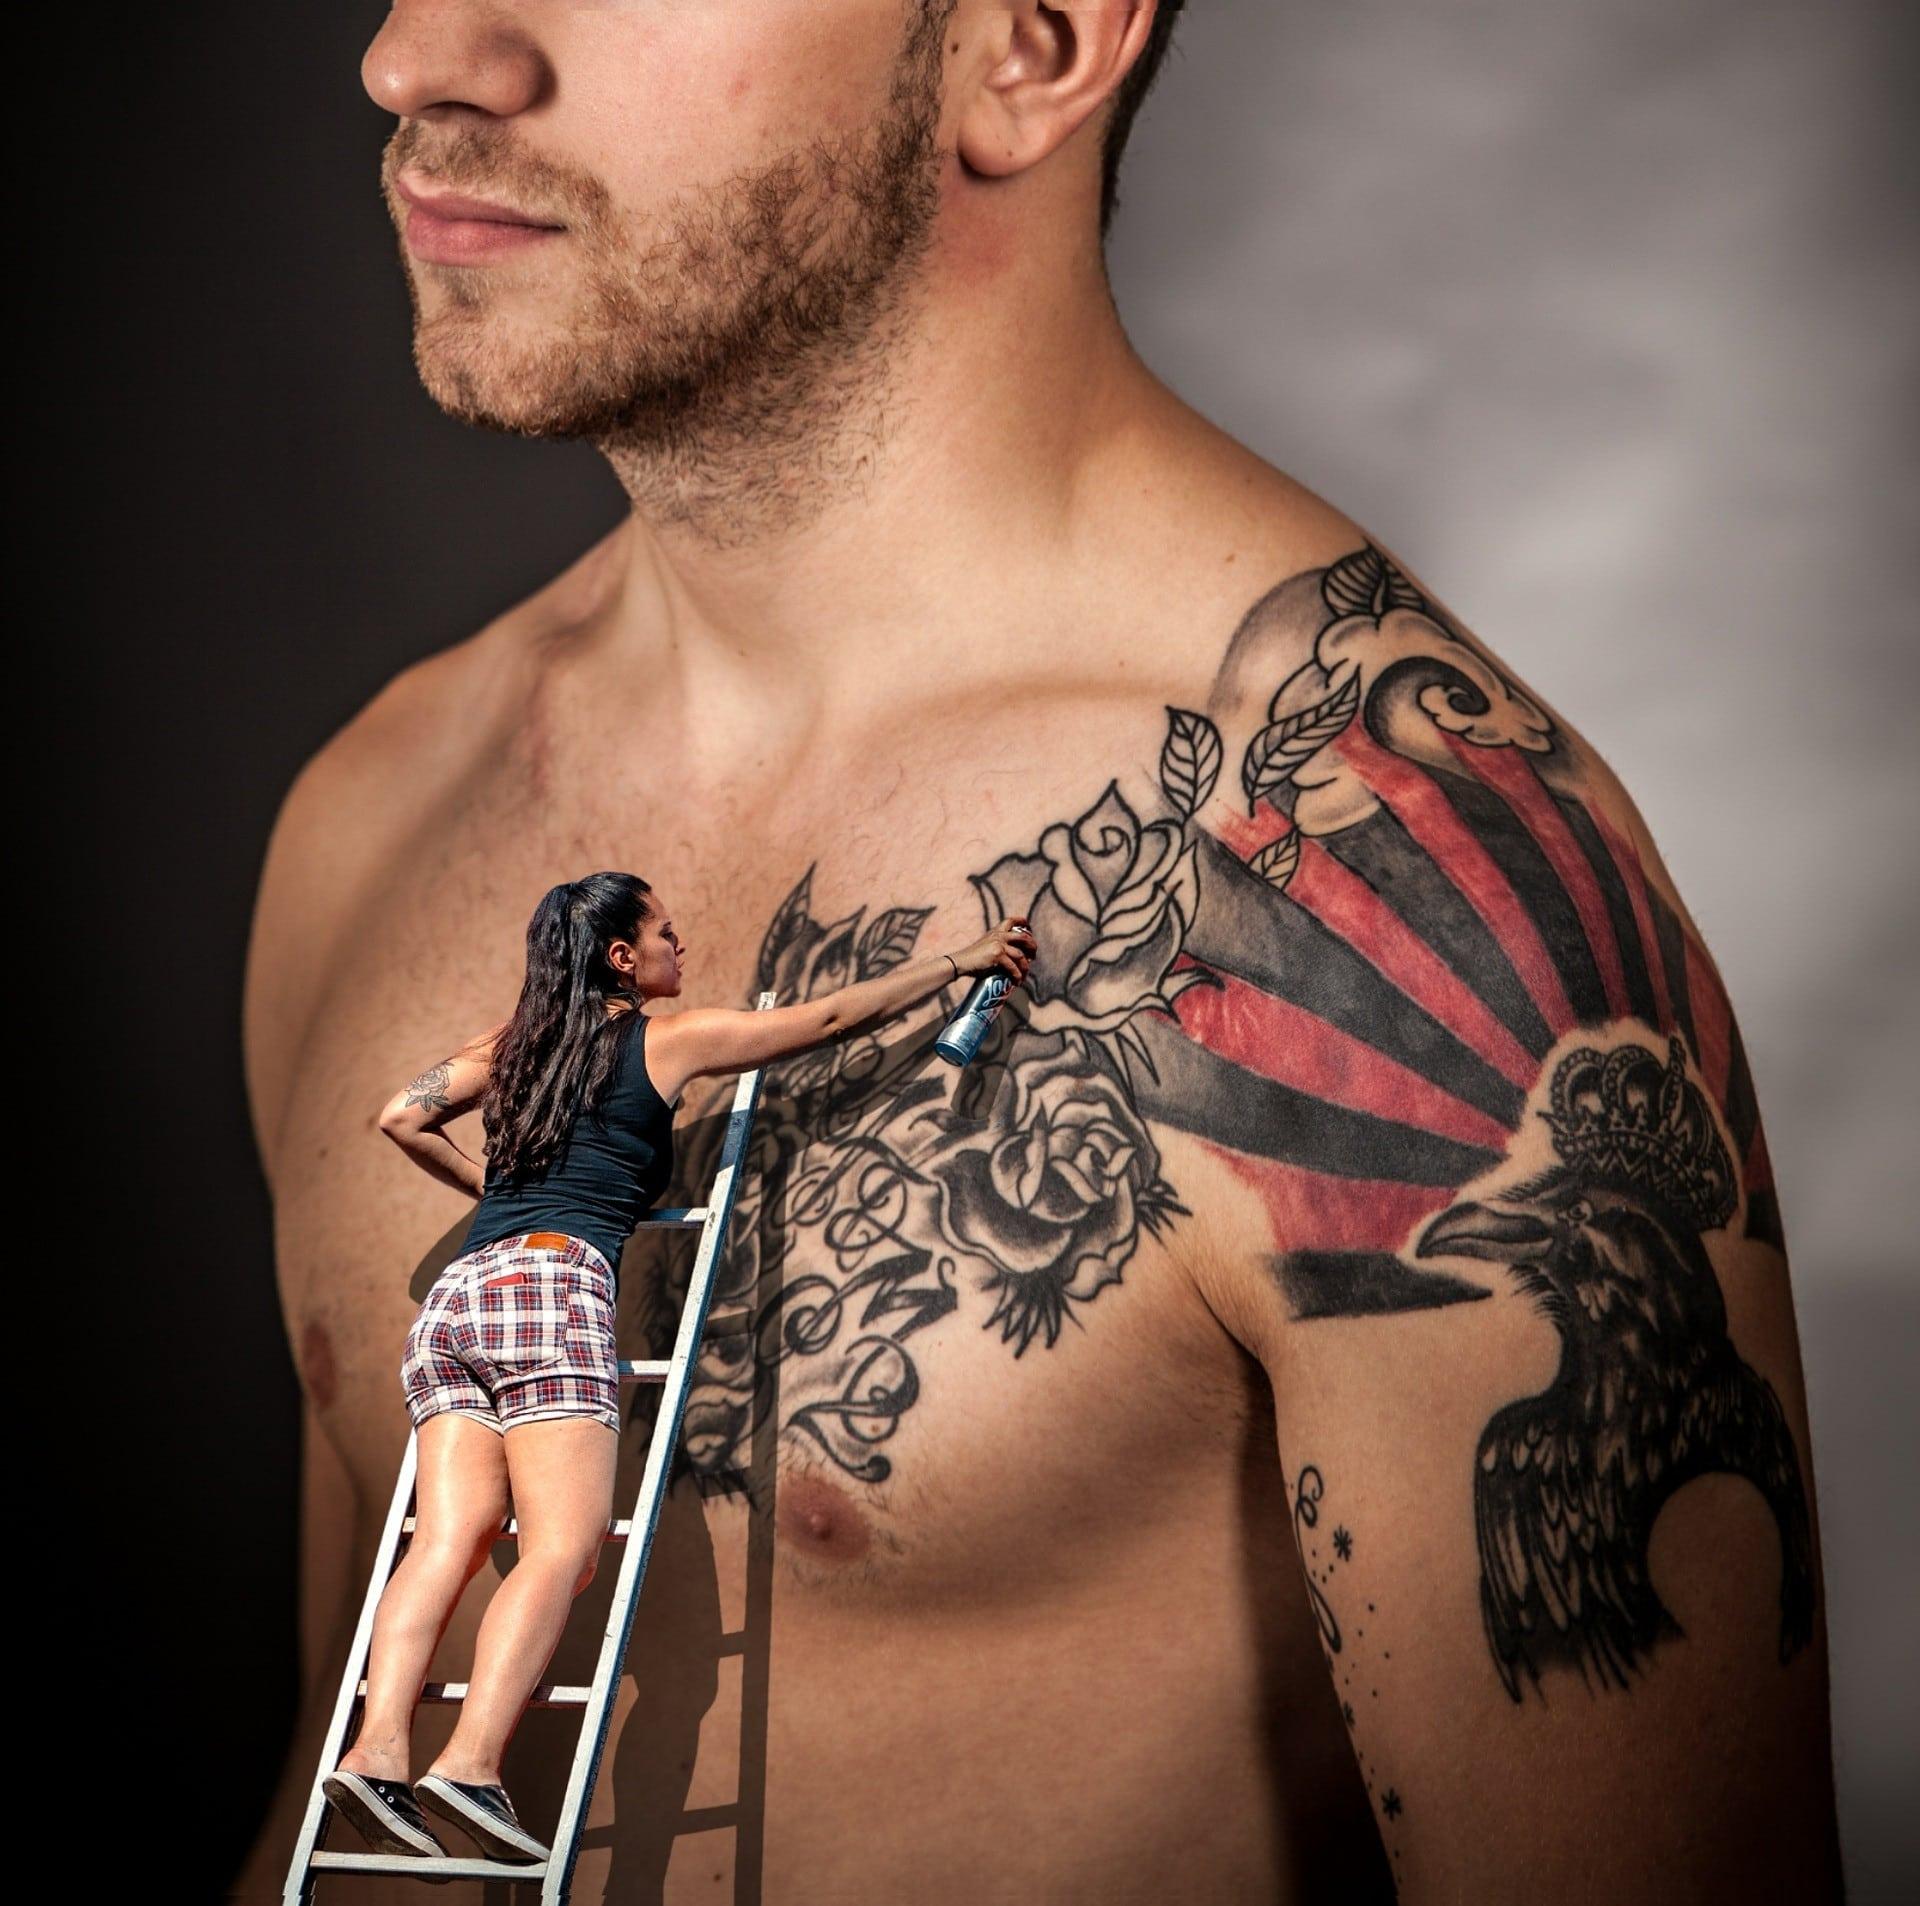 Comment faire tatouage ephemere ?